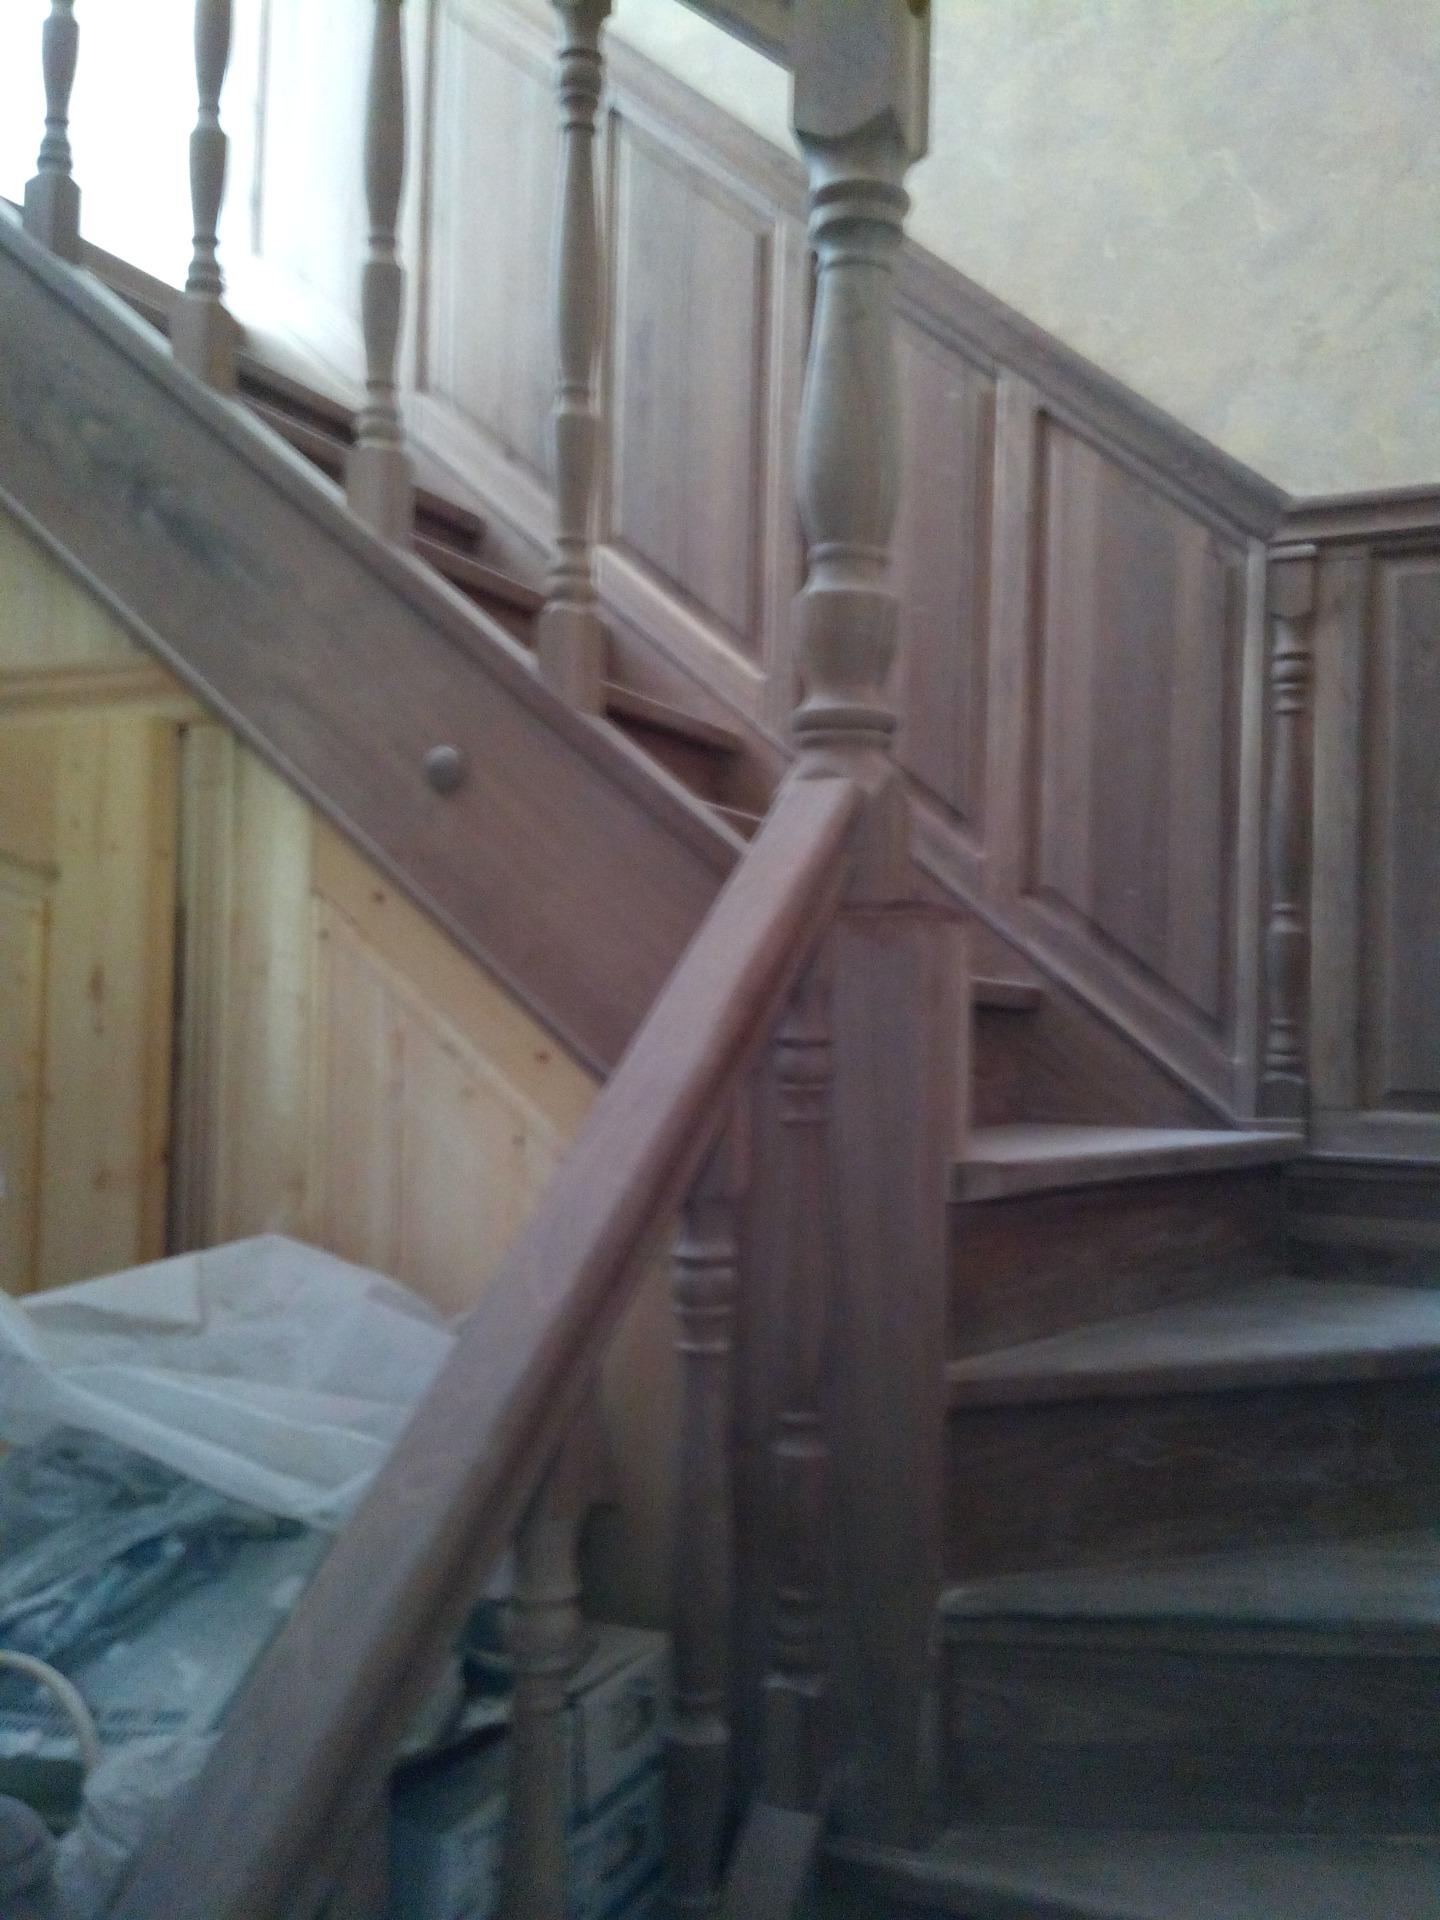 Готовые лестницы и изготовление на заказ - выбор в Кропоткине, Тихорецке, Новопокровской